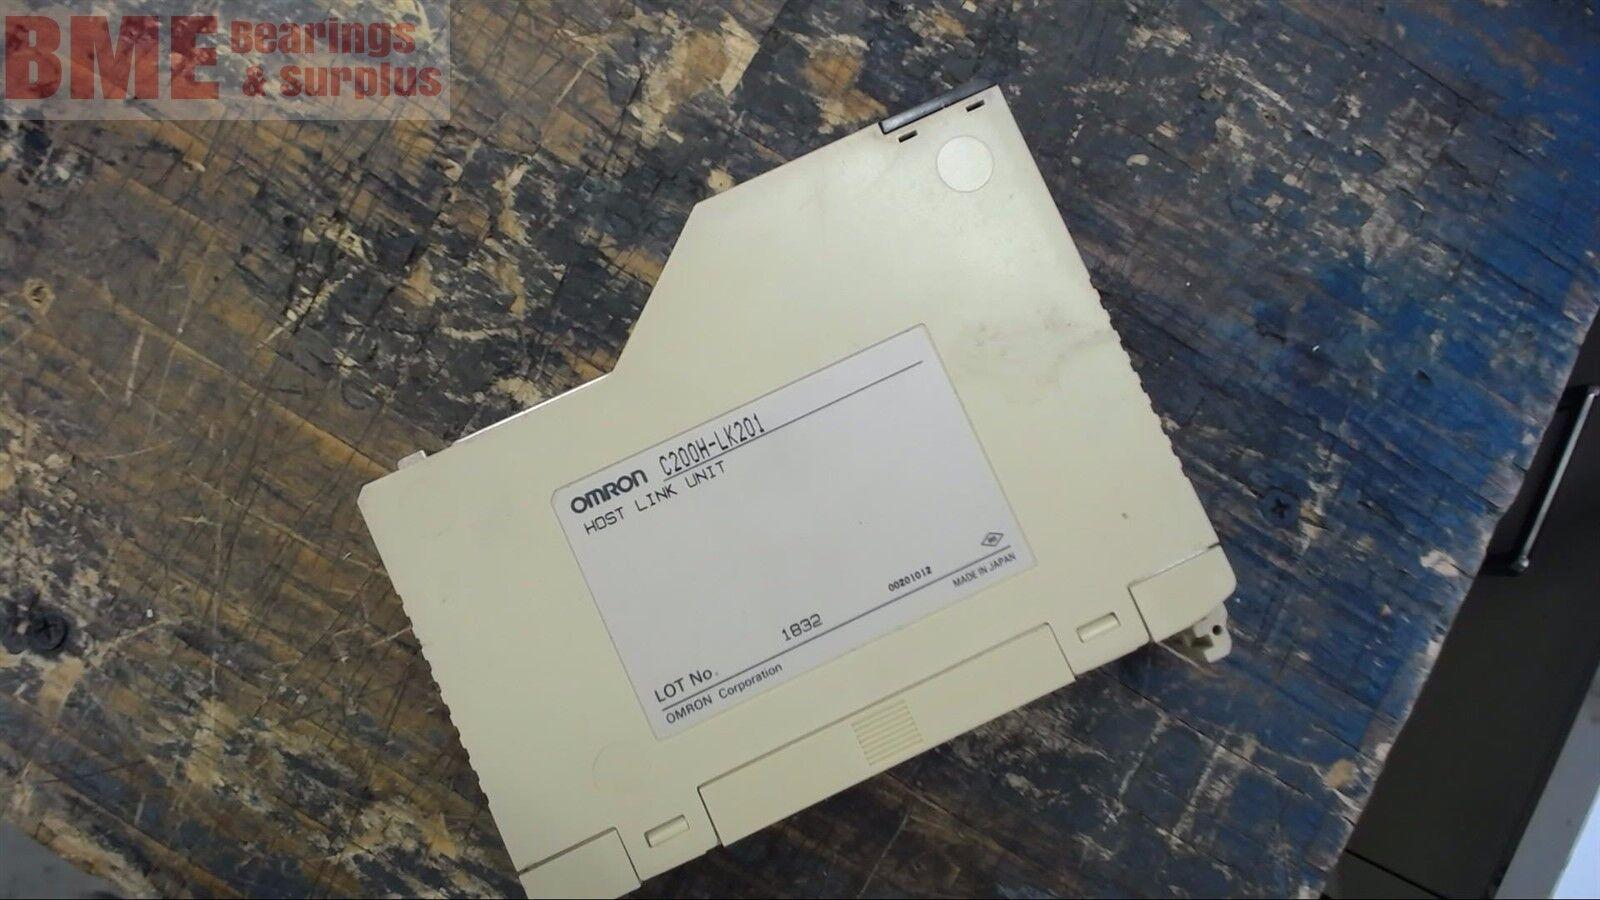 OMRON C200H-LK201 HOST LINK UNIT